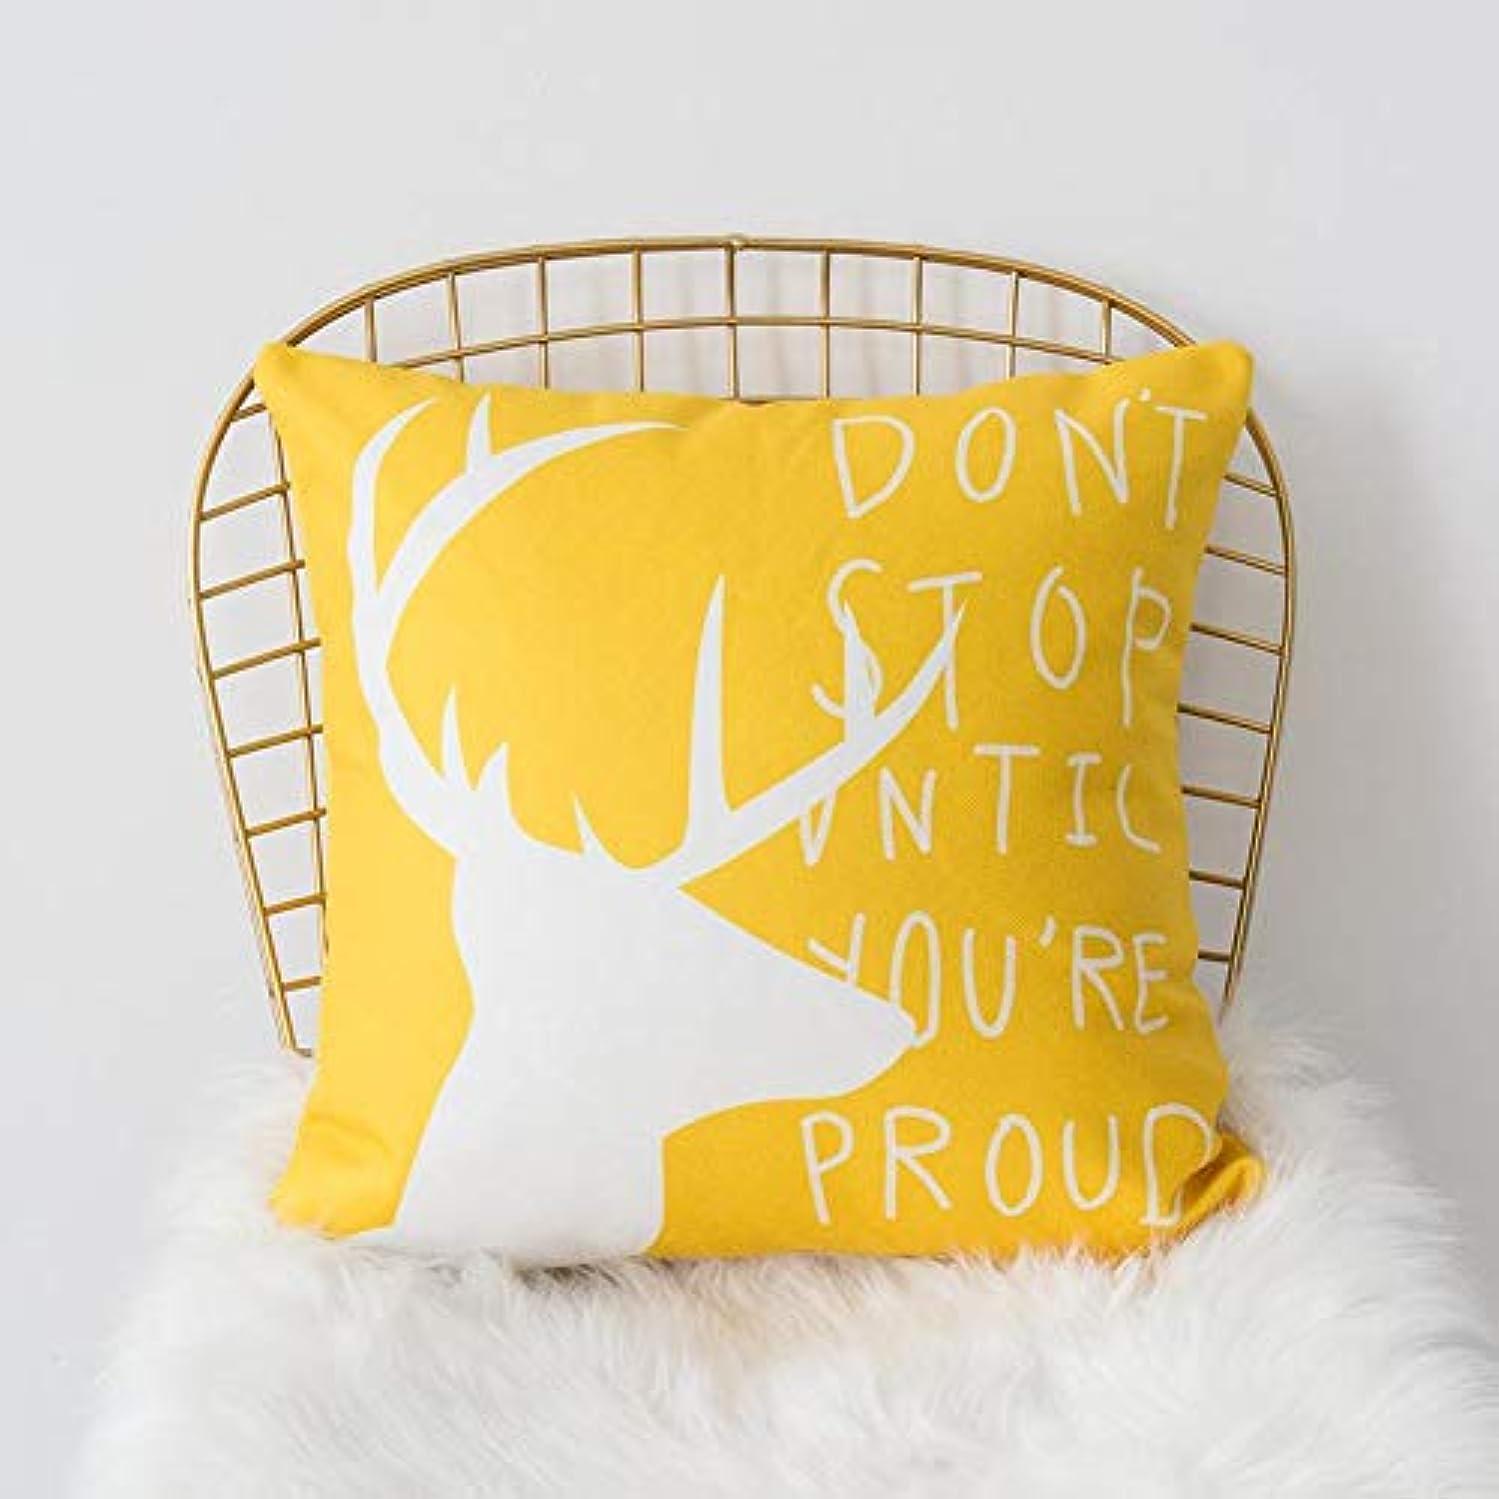 しないでください公使館従順なLIFE 黄色グレー枕北欧スタイル黄色ヘラジカ幾何枕リビングルームのインテリアソファクッション Cojines 装飾良質 クッション 椅子